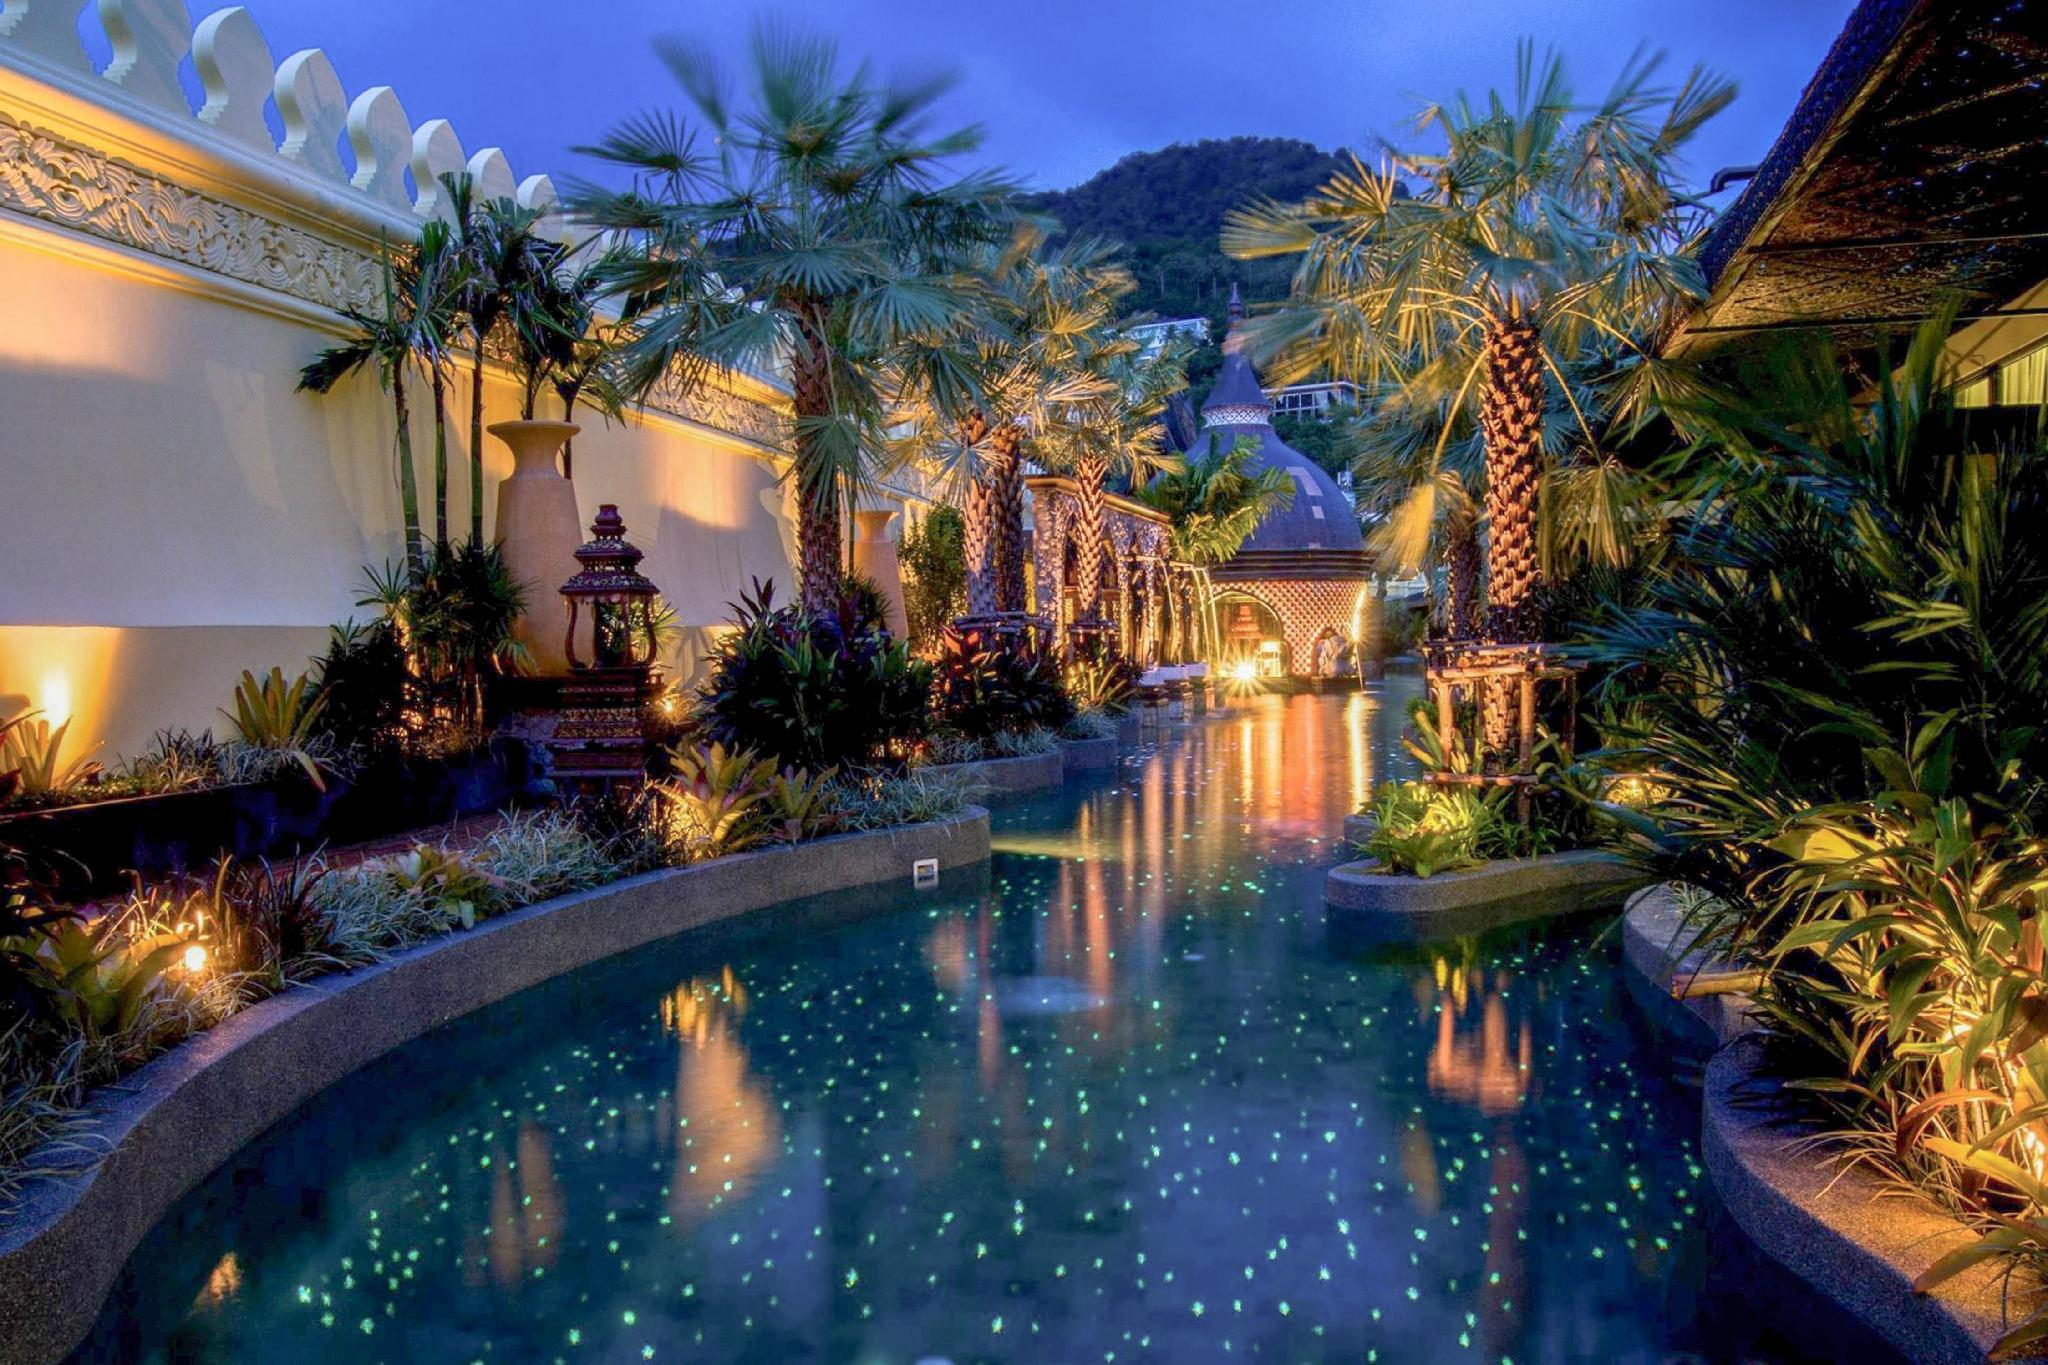 Sawasdee Village Resort & Spa สวัสดี วิลเลจ รีสอร์ท แอนด์ สปา